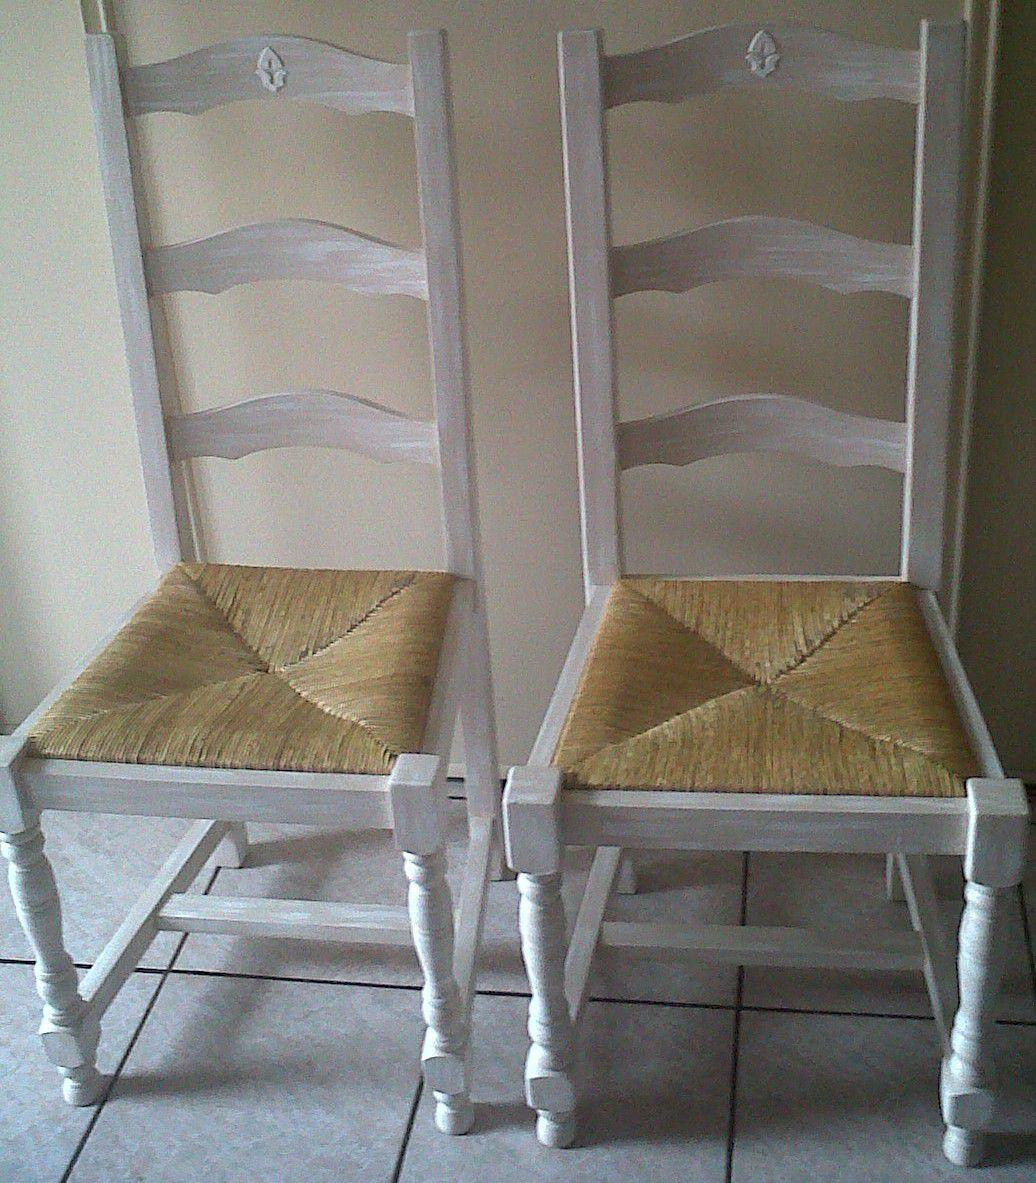 meubles repeints : Toutes les photos sur meubles repeints - Déco\'Nat ...